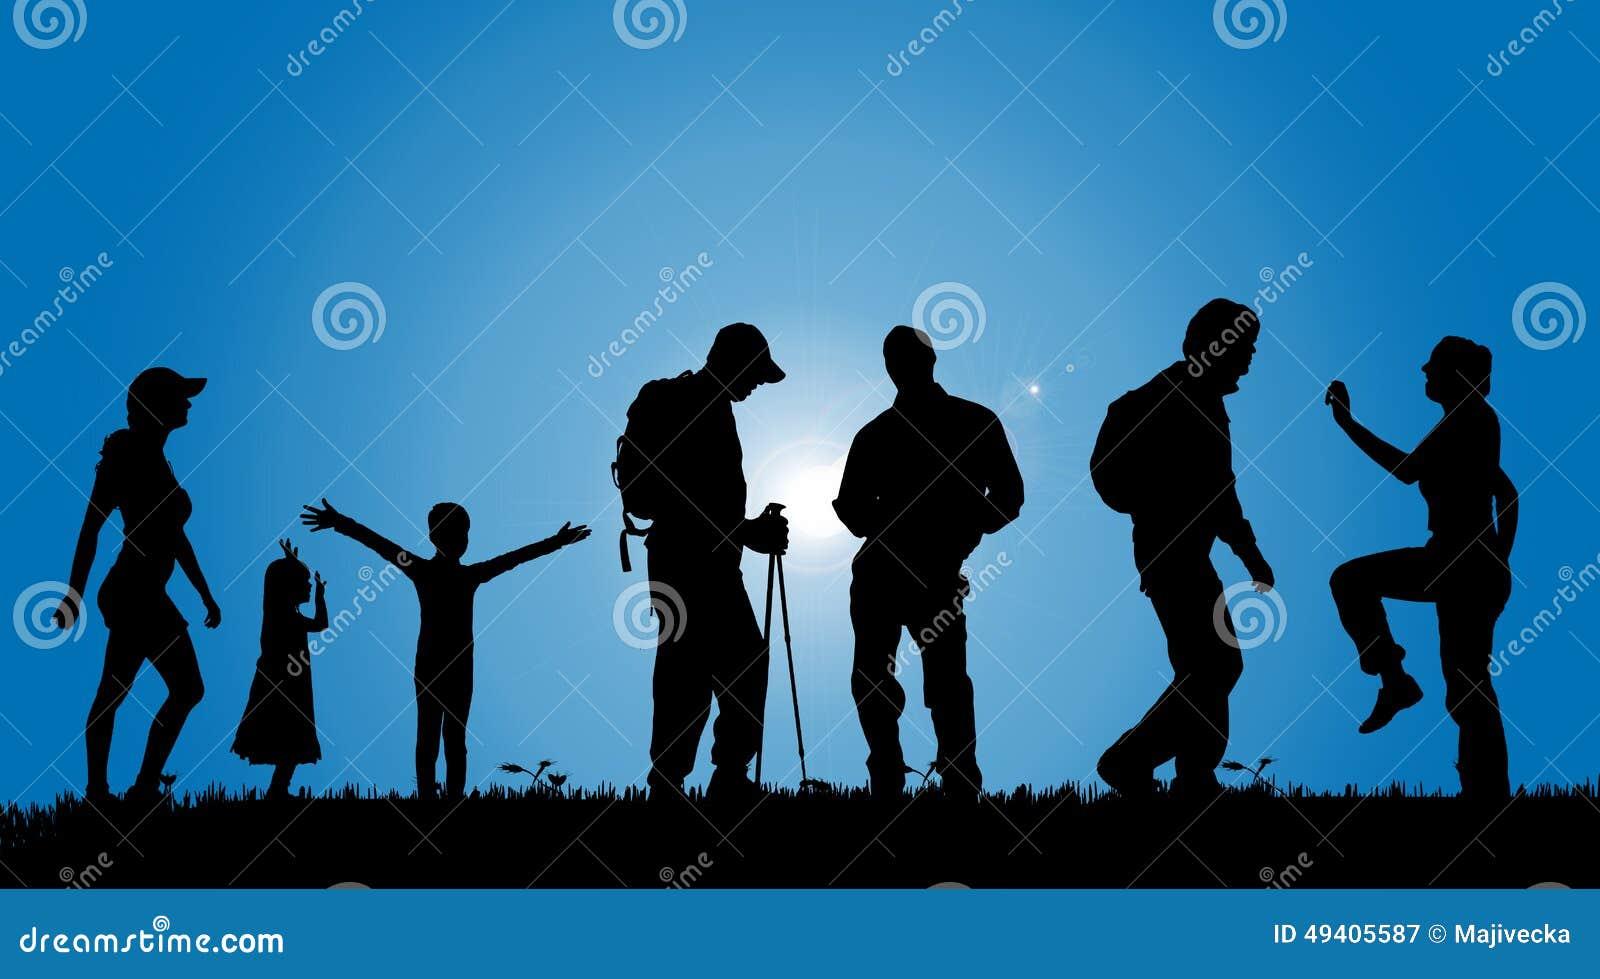 Download Vektorschattenbilder Von Leuten Vektor Abbildung - Illustration von gras, liebe: 49405587